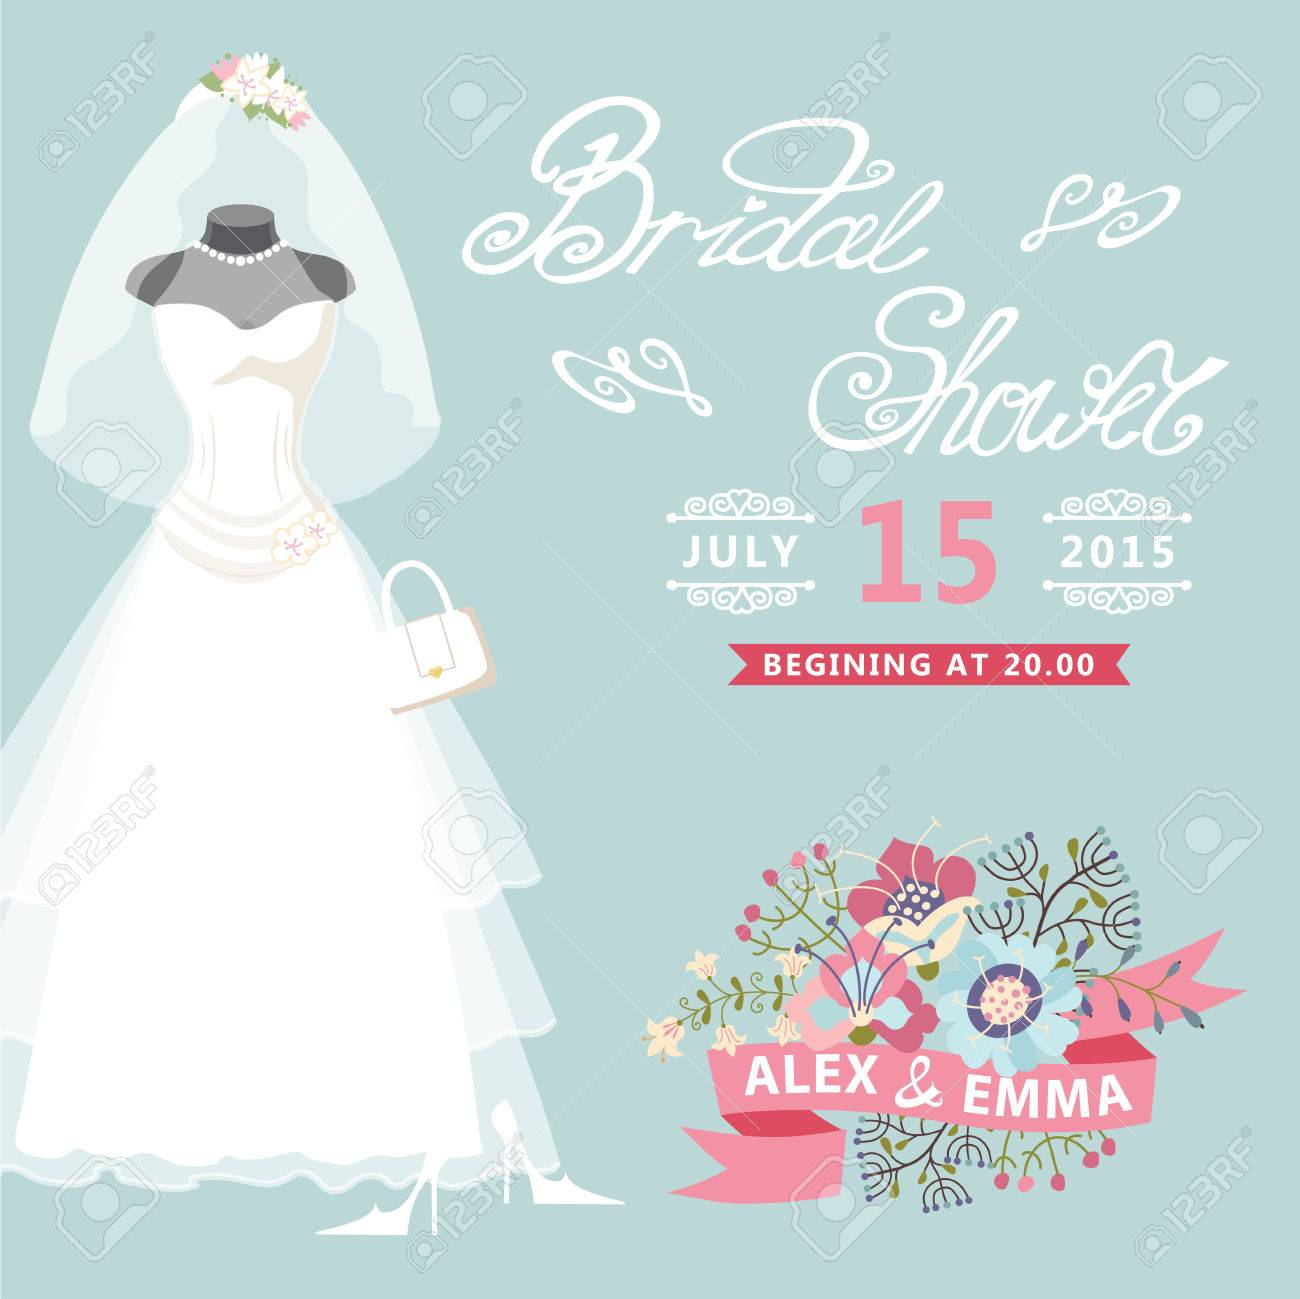 b1a29cca509 Banque d images - Nuptiale carte de douche de robe de mariage de cru avec  des éléments floraux